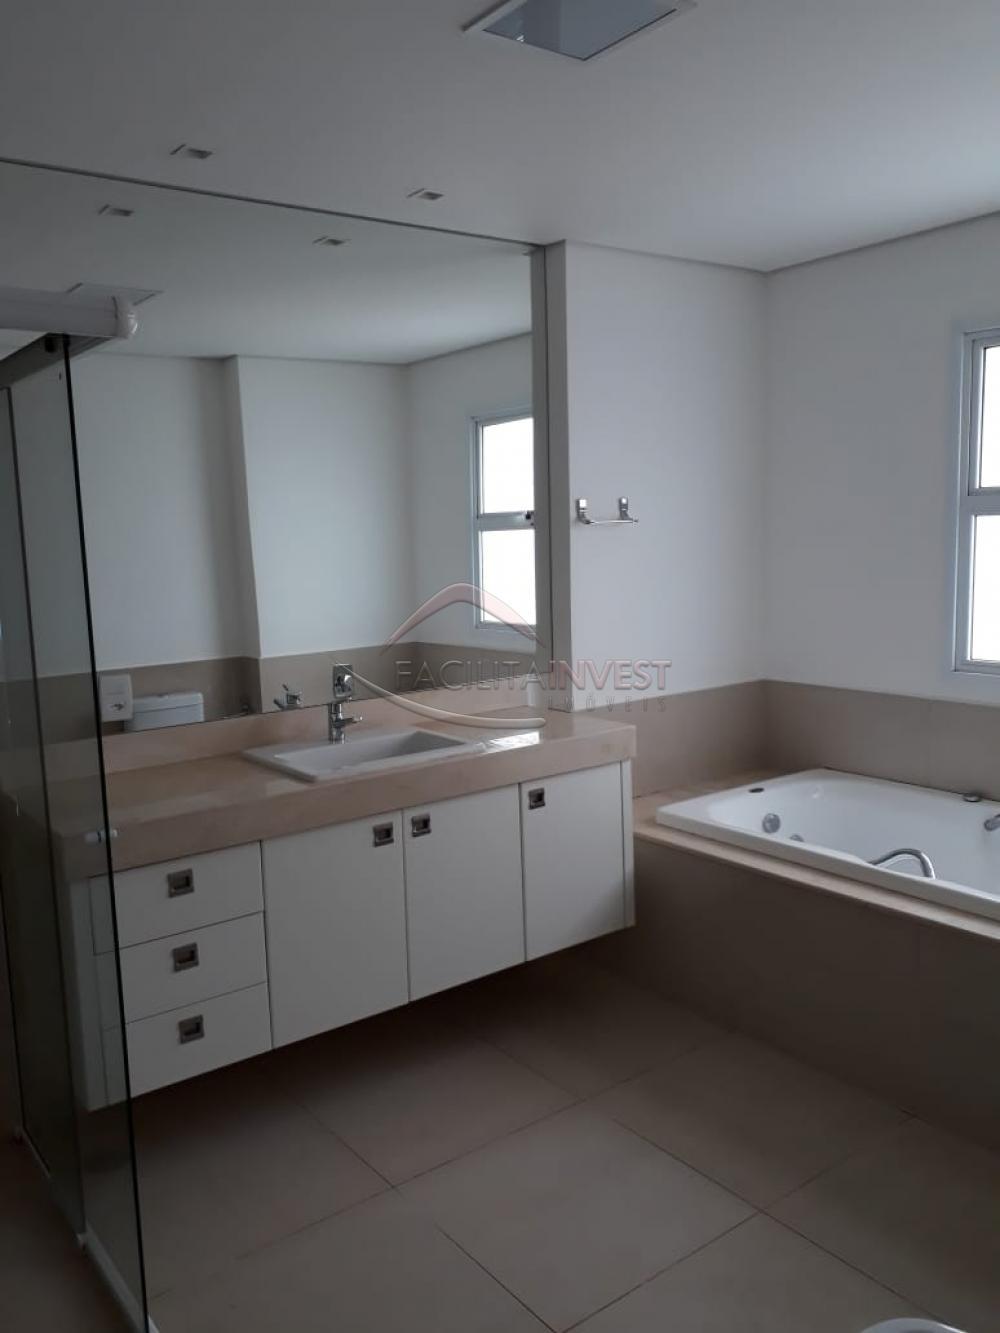 Alugar Apartamentos / Apart. Padrão em Ribeirão Preto apenas R$ 9.000,00 - Foto 11